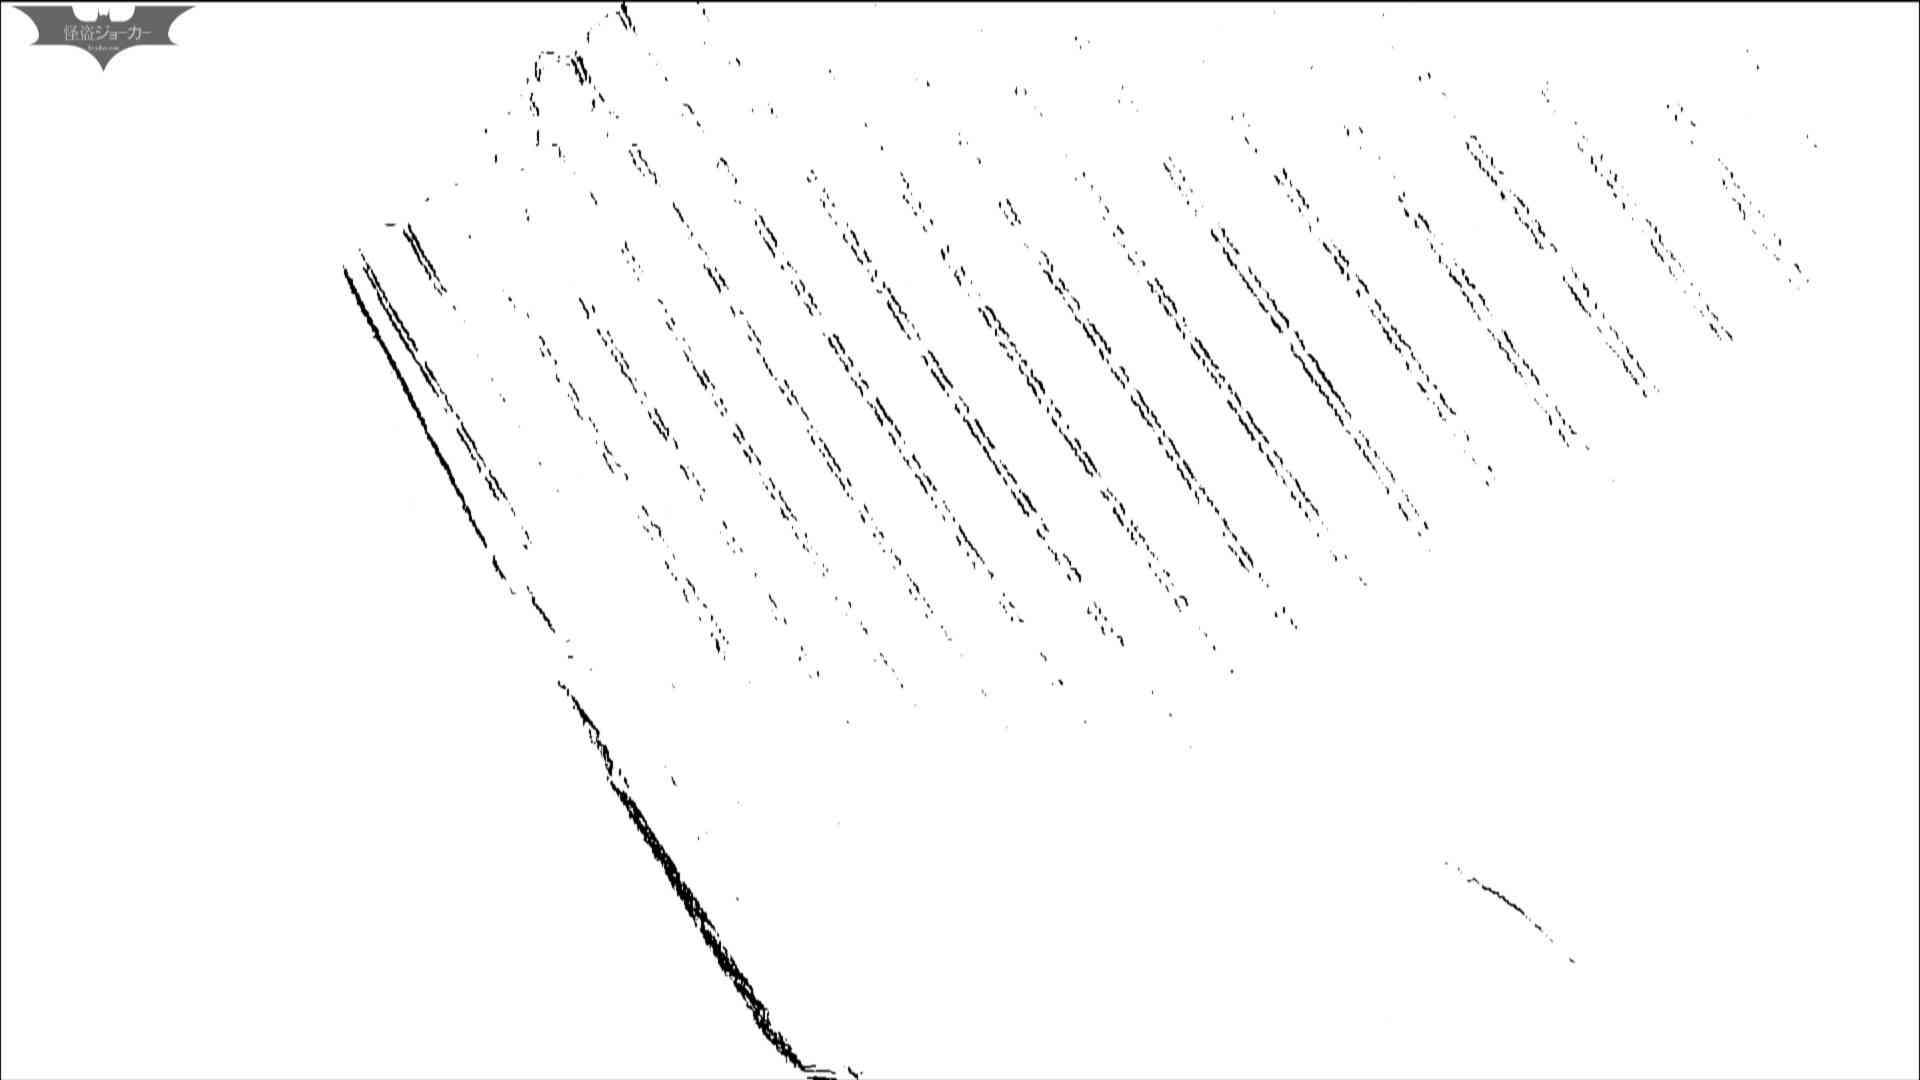 洗面所特攻隊 vol.72 番外編 「最後の女性」の特集 番外編 エッチすぎるOL達  19連発 10